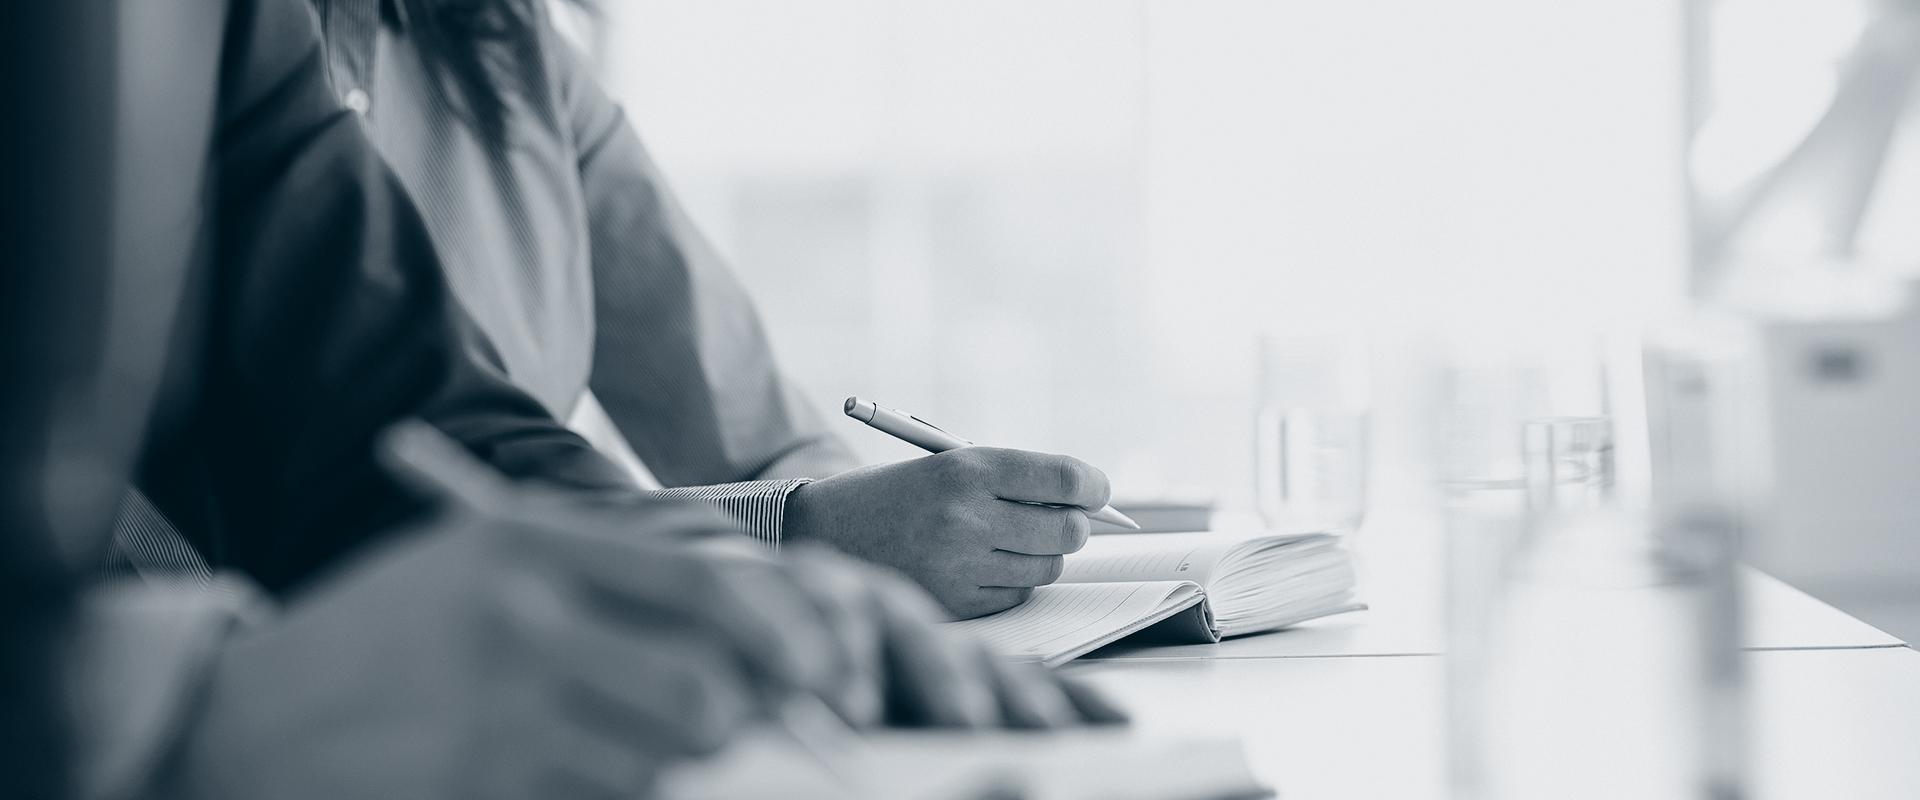 Personer skriver under kurs og opplæring.